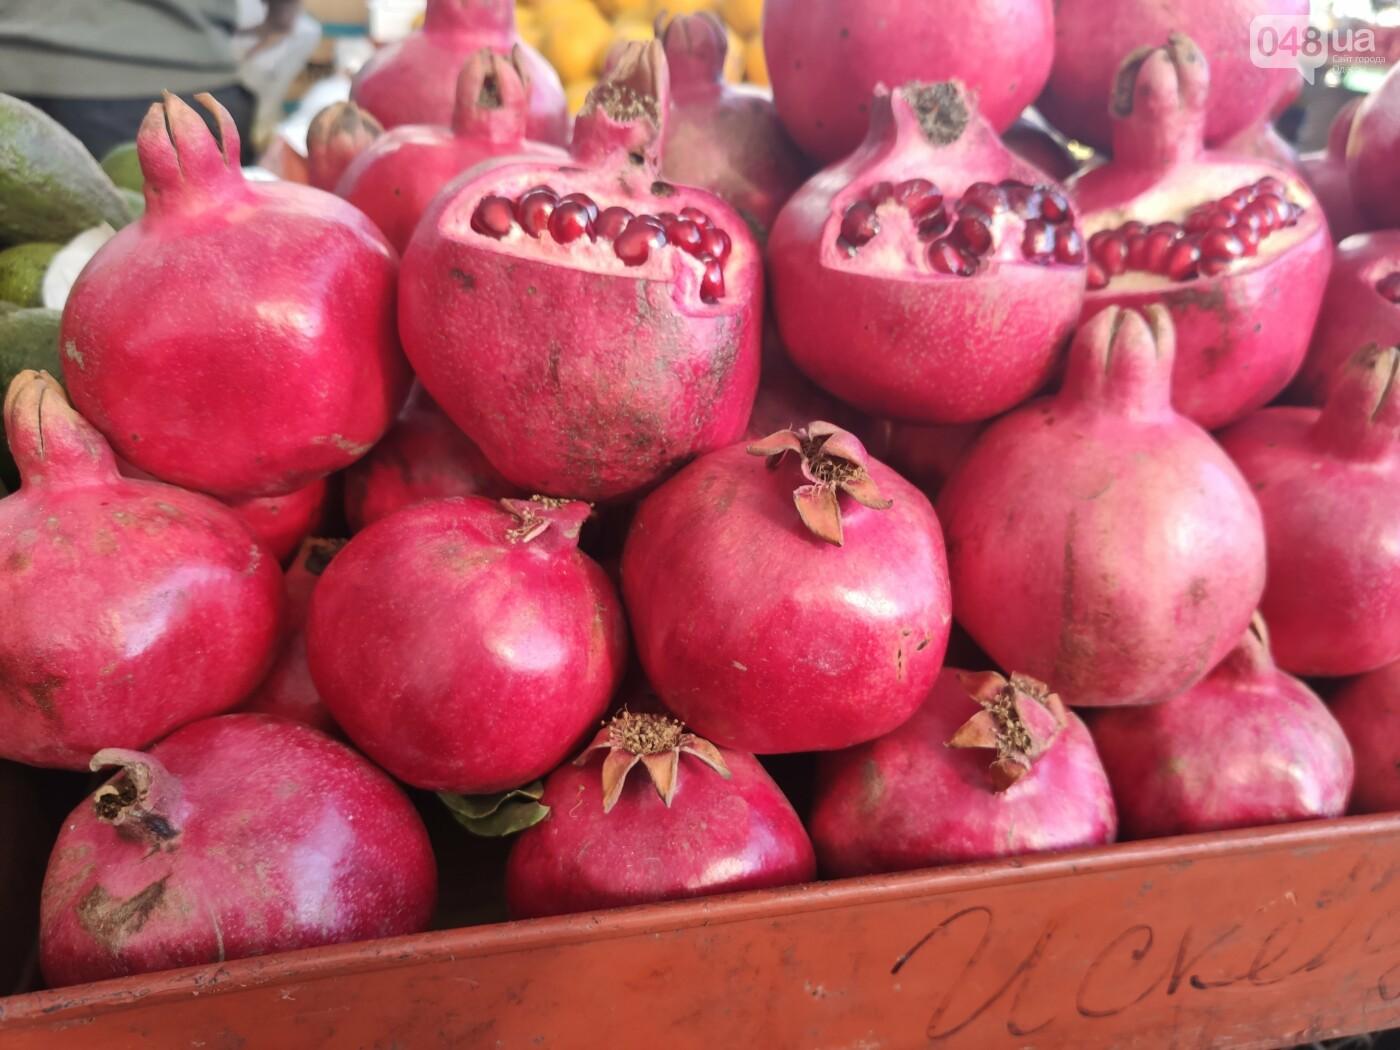 Виноград, мандарины, редис: сколько на одесском Привозе стоят фрукты и овощи, - ФОТО, фото-6